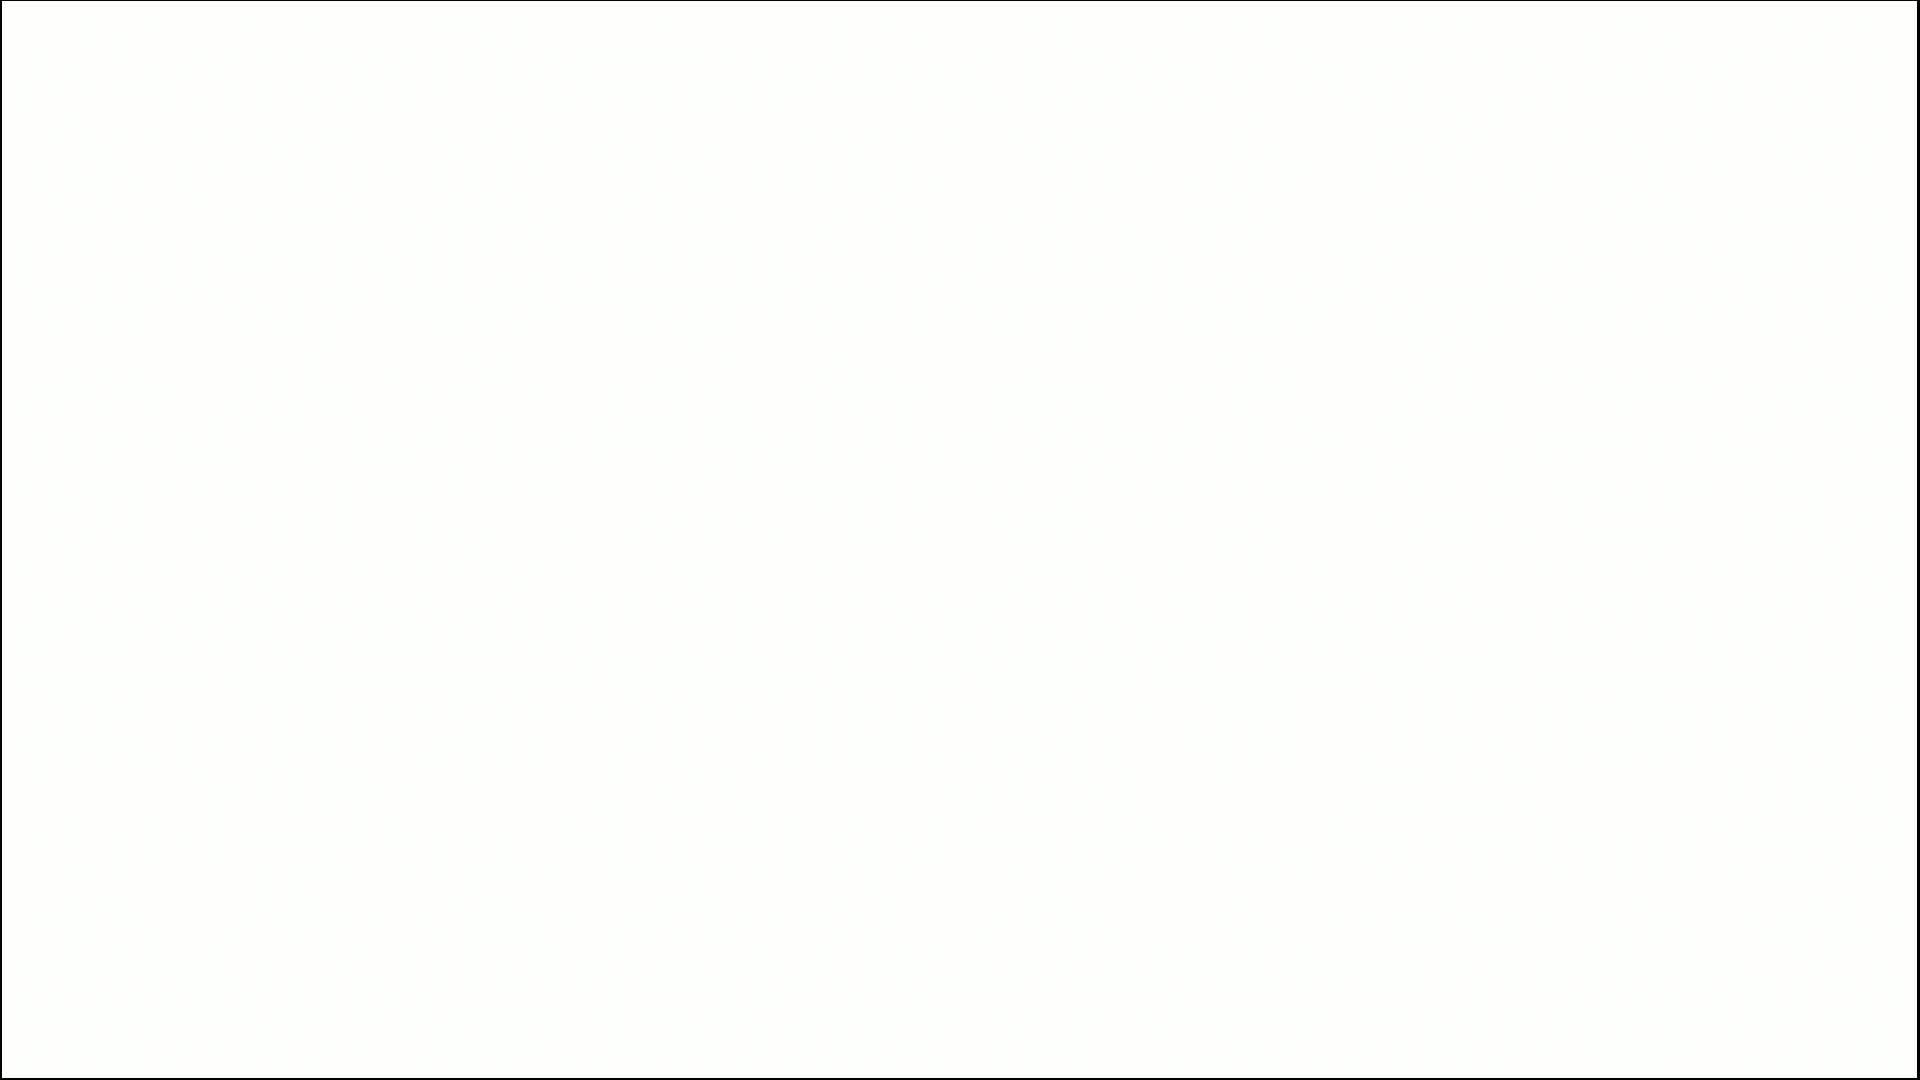 二重バーナーキャンプストーブメーカーバーベキューガスグリドルプロパンバーナーストーブ